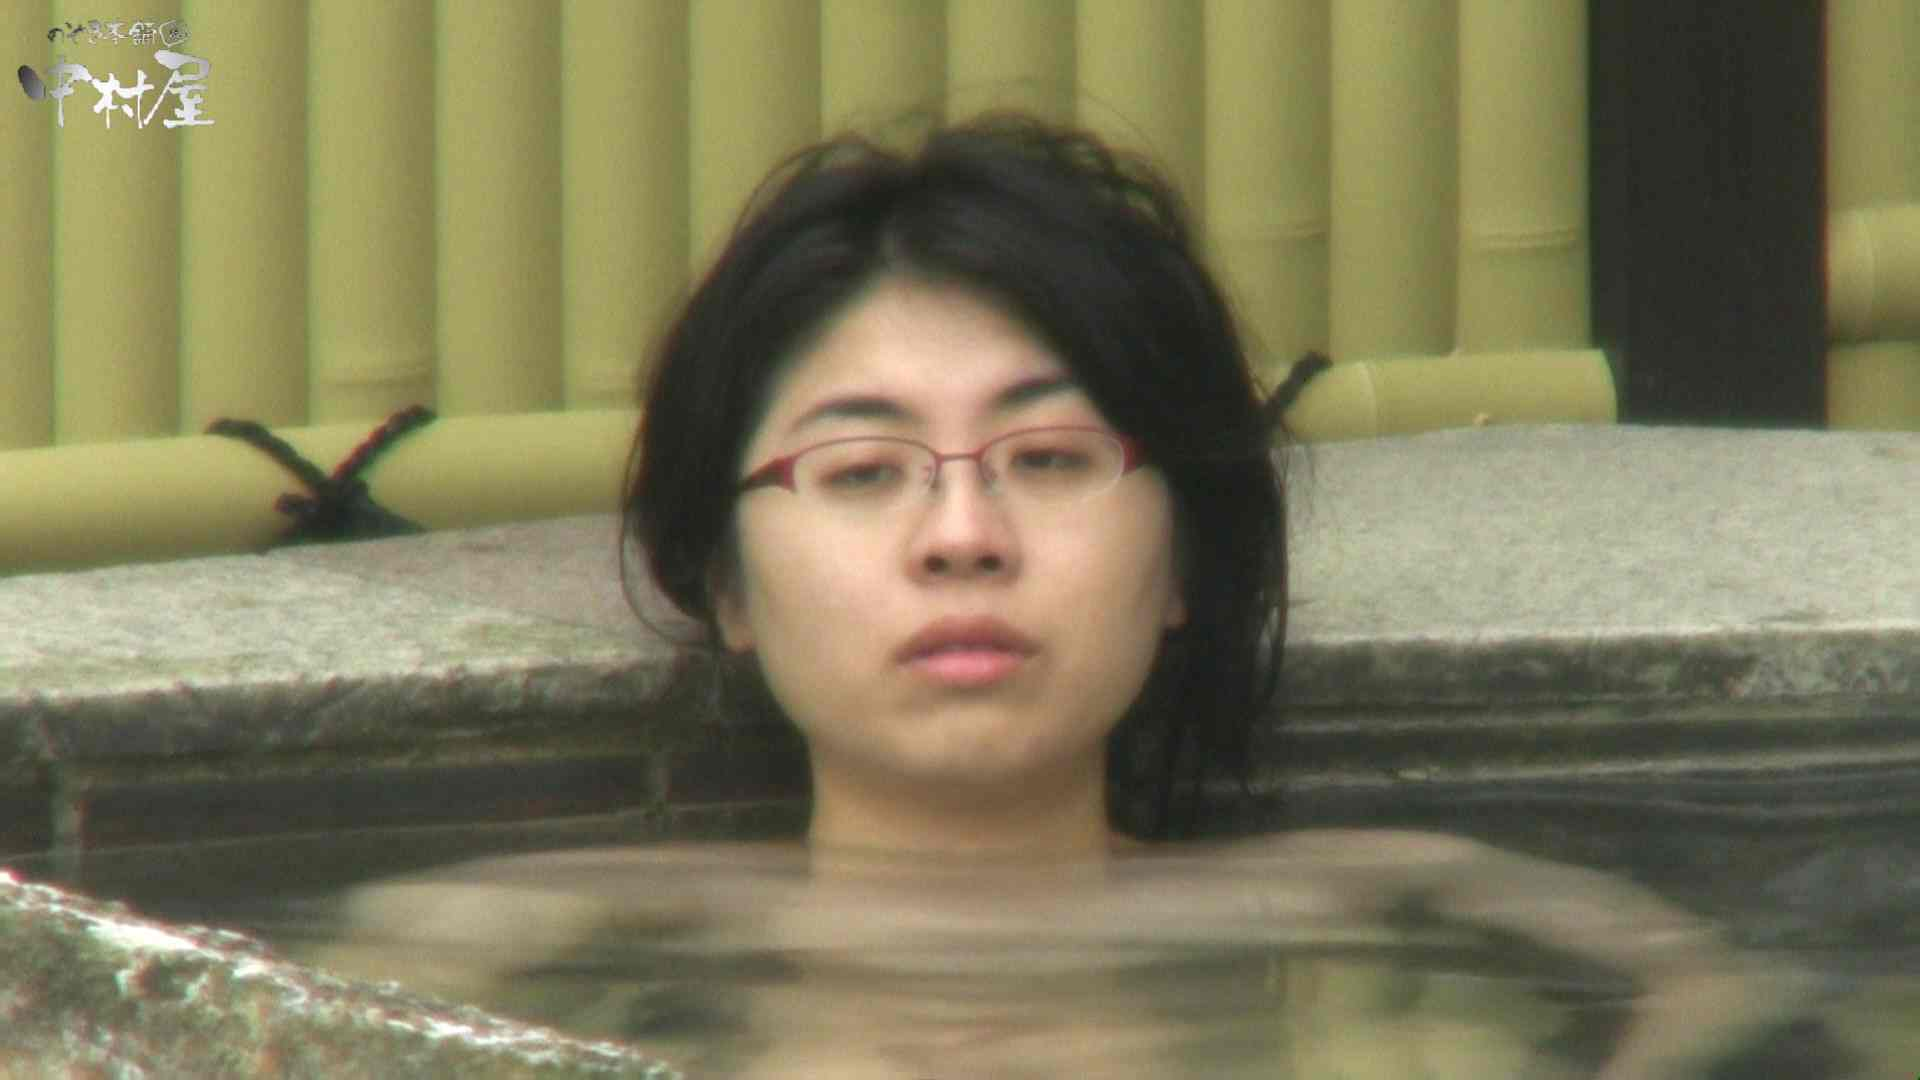 Aquaな露天風呂Vol.947 OLハメ撮り  61Pix 34